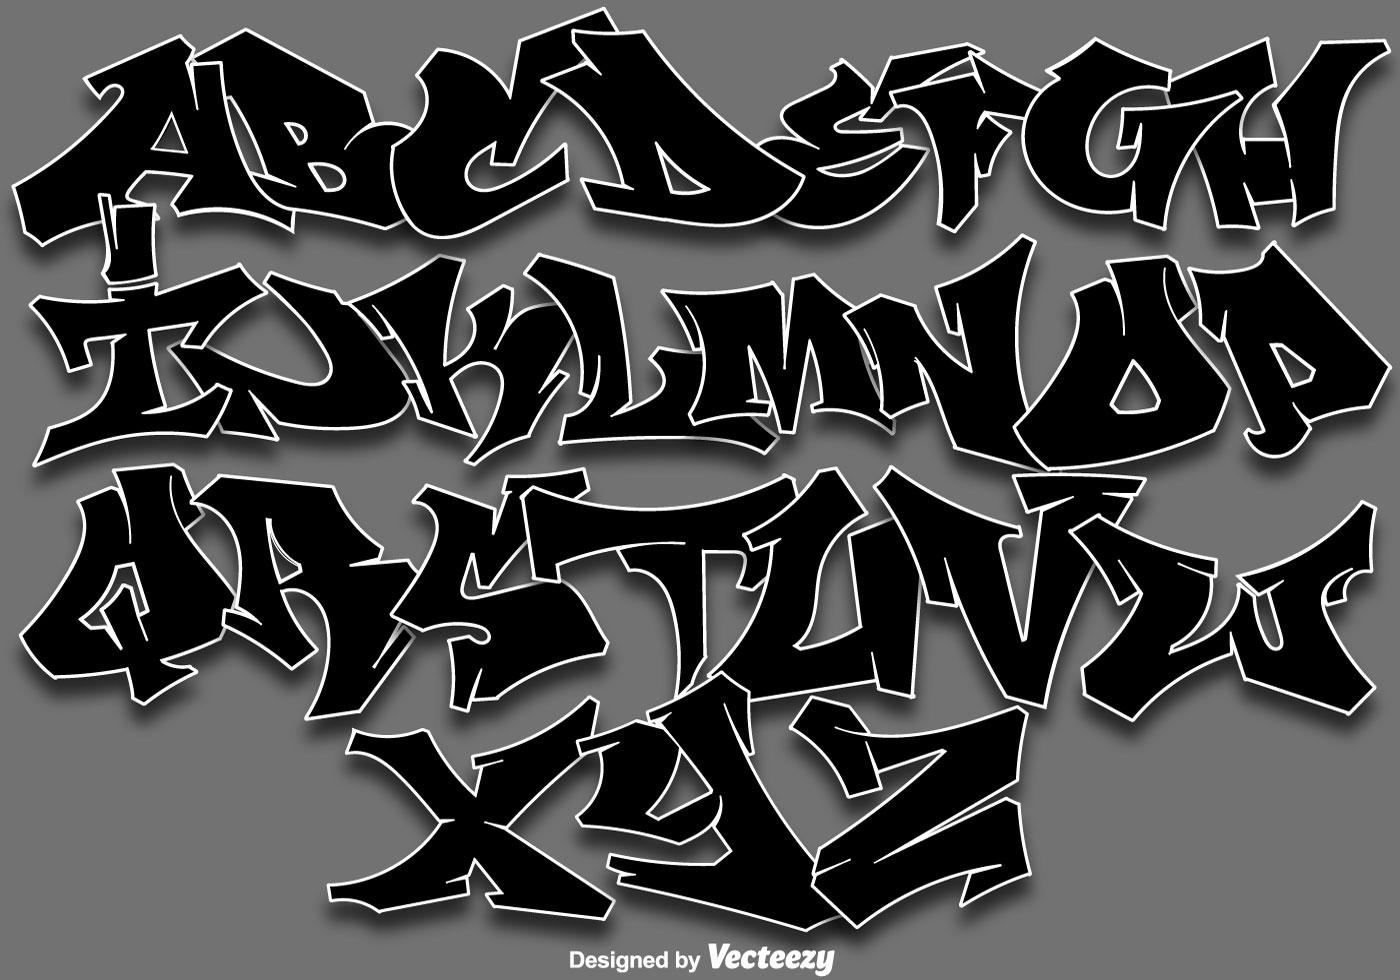 Lettres Alphabet Graffiti Vector T L Chargez De L 39 Art Des Graphiques Et Des Images Vectoriels